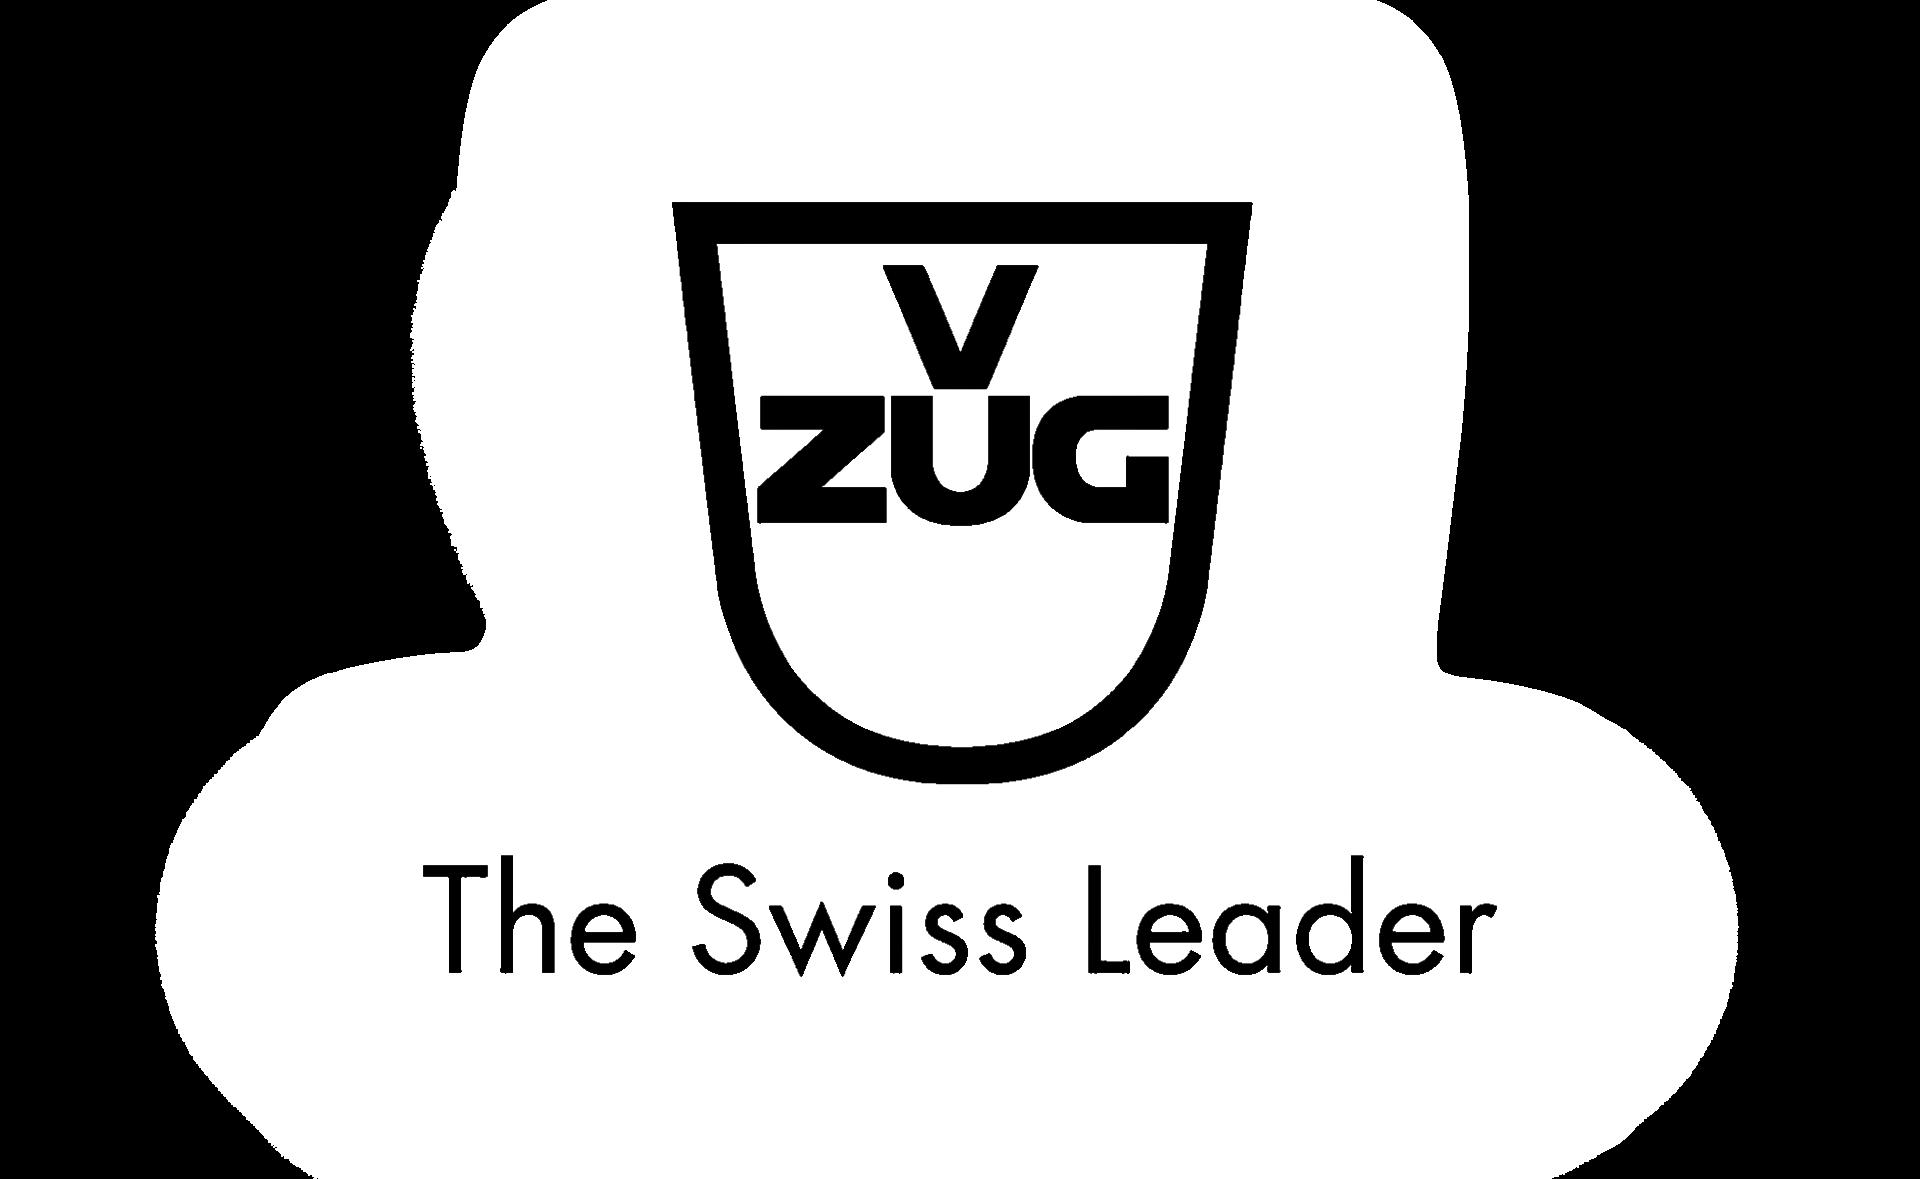 Raumspot_Herstellerlogo-V-Zug+weiß